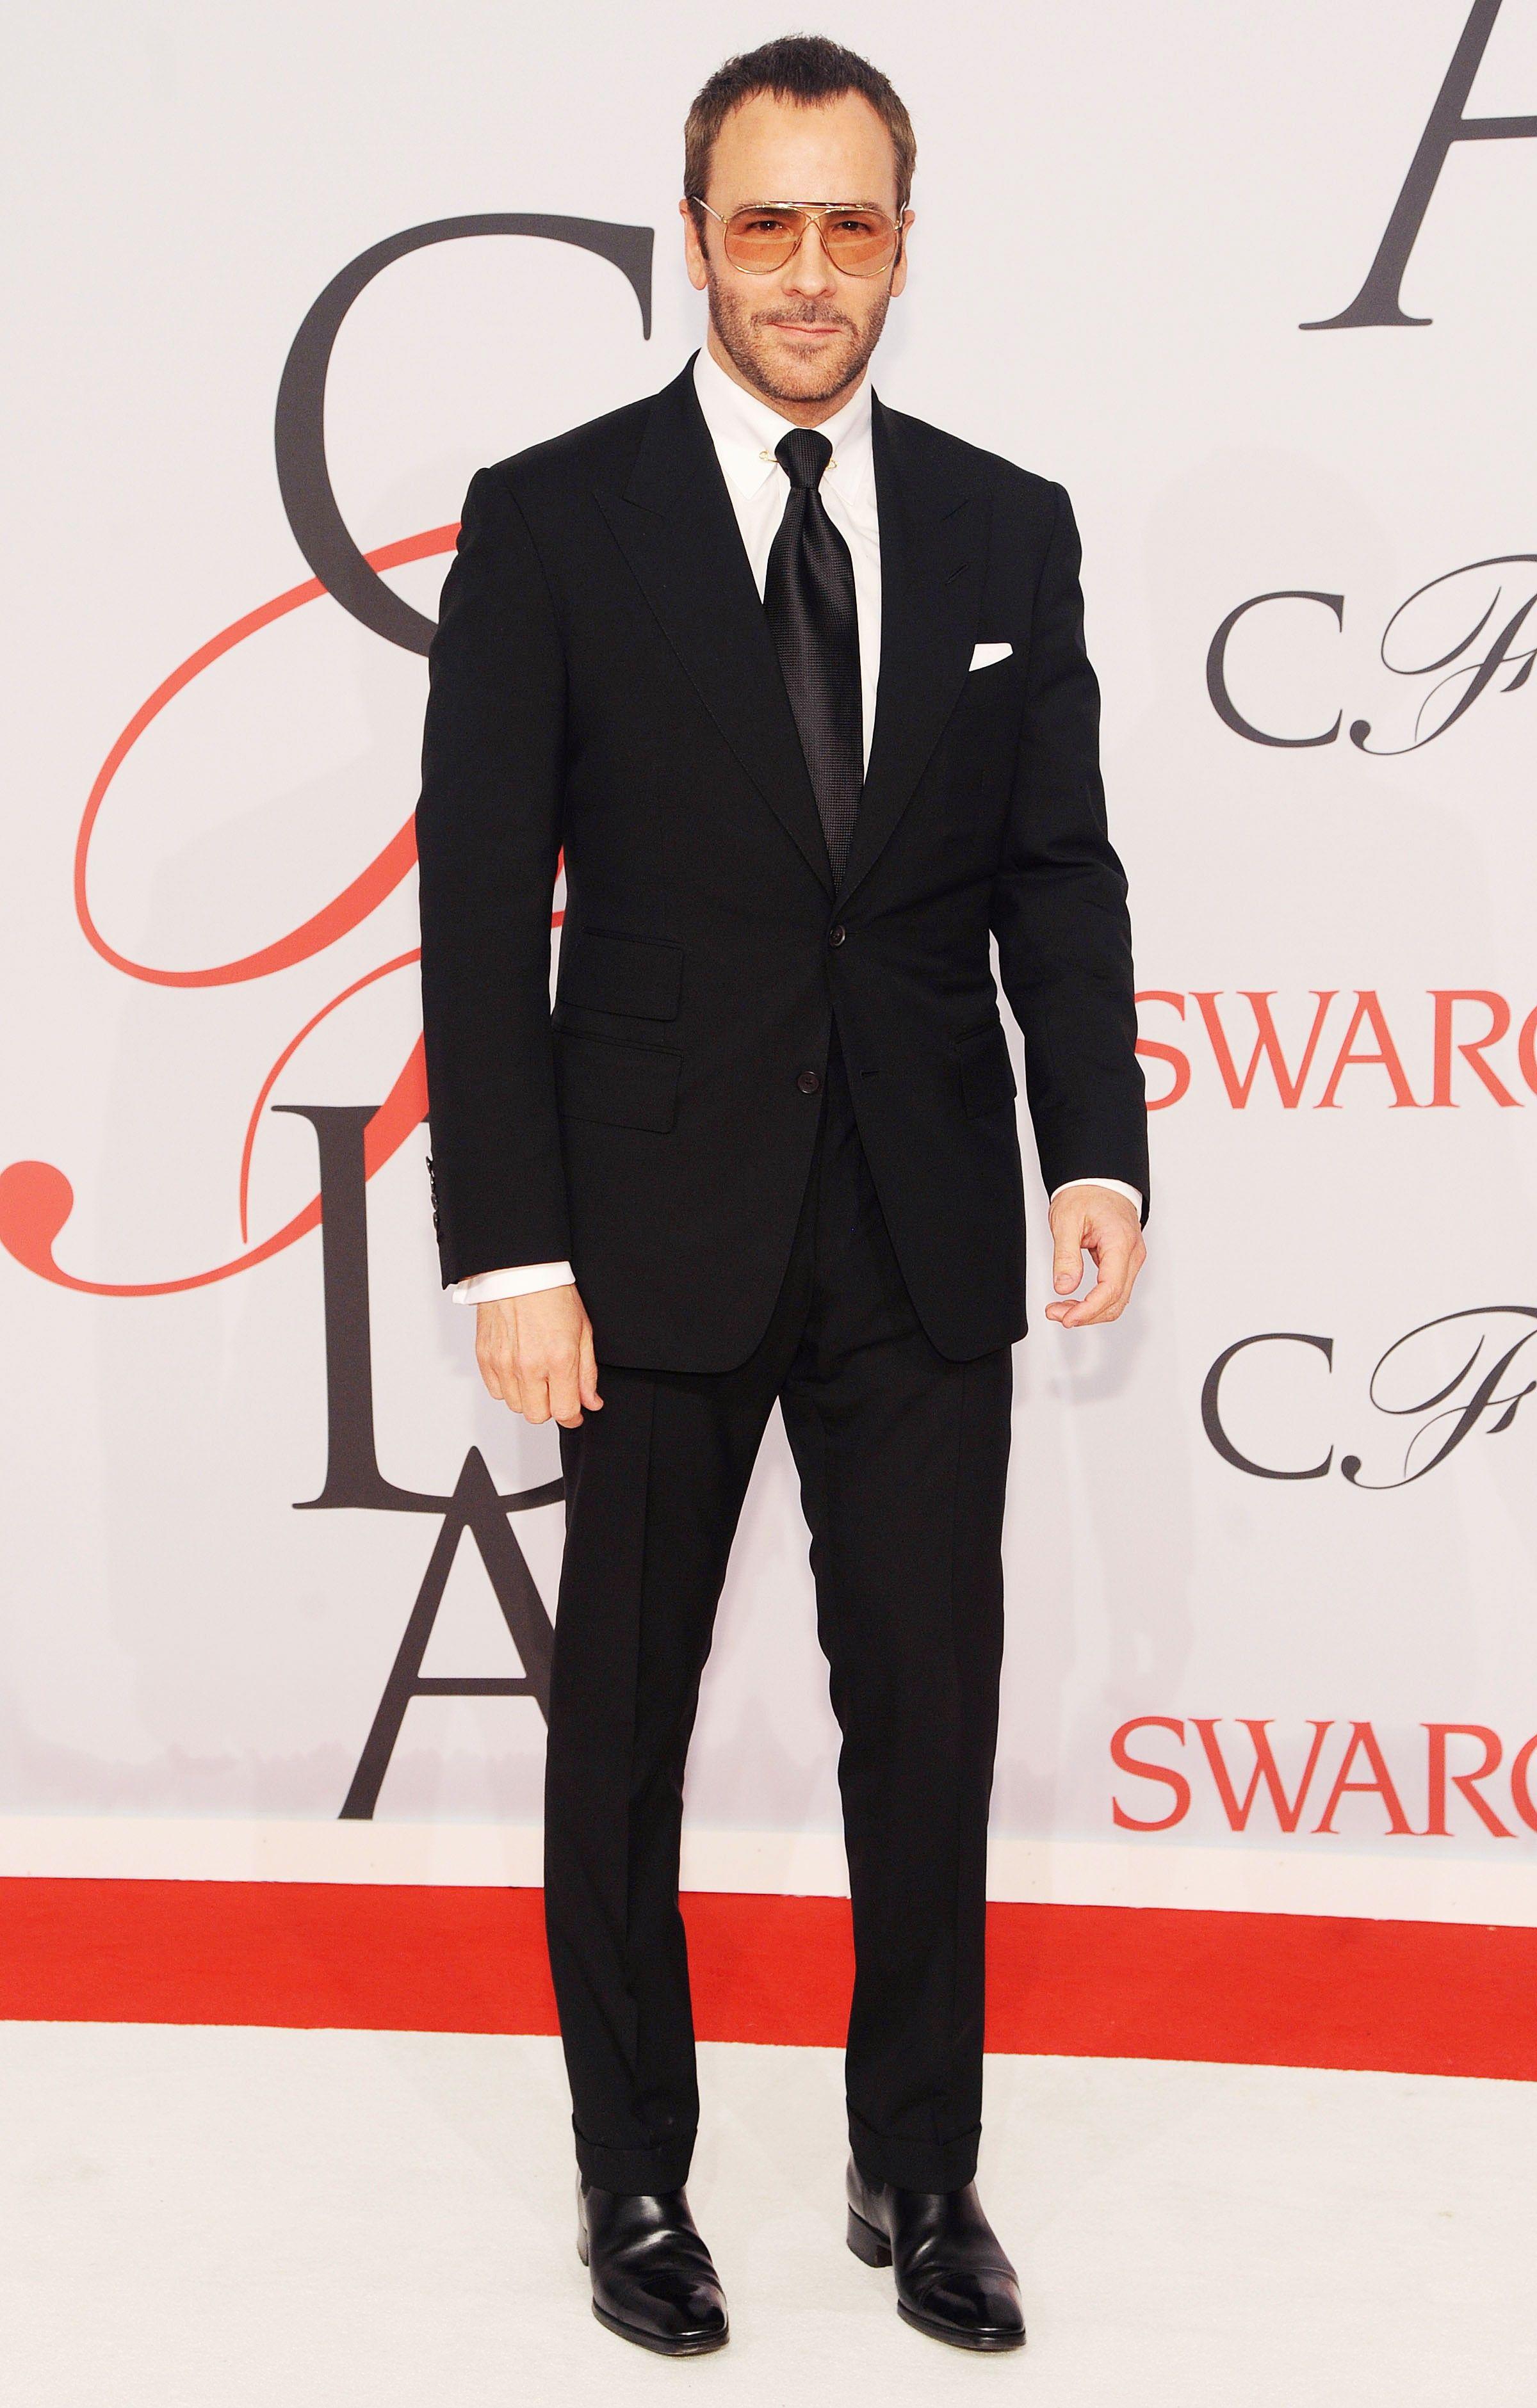 The Most Famous Fashion Designer Uniforms Fashion Designers Famous Famous Fashion Great Clothes For Men